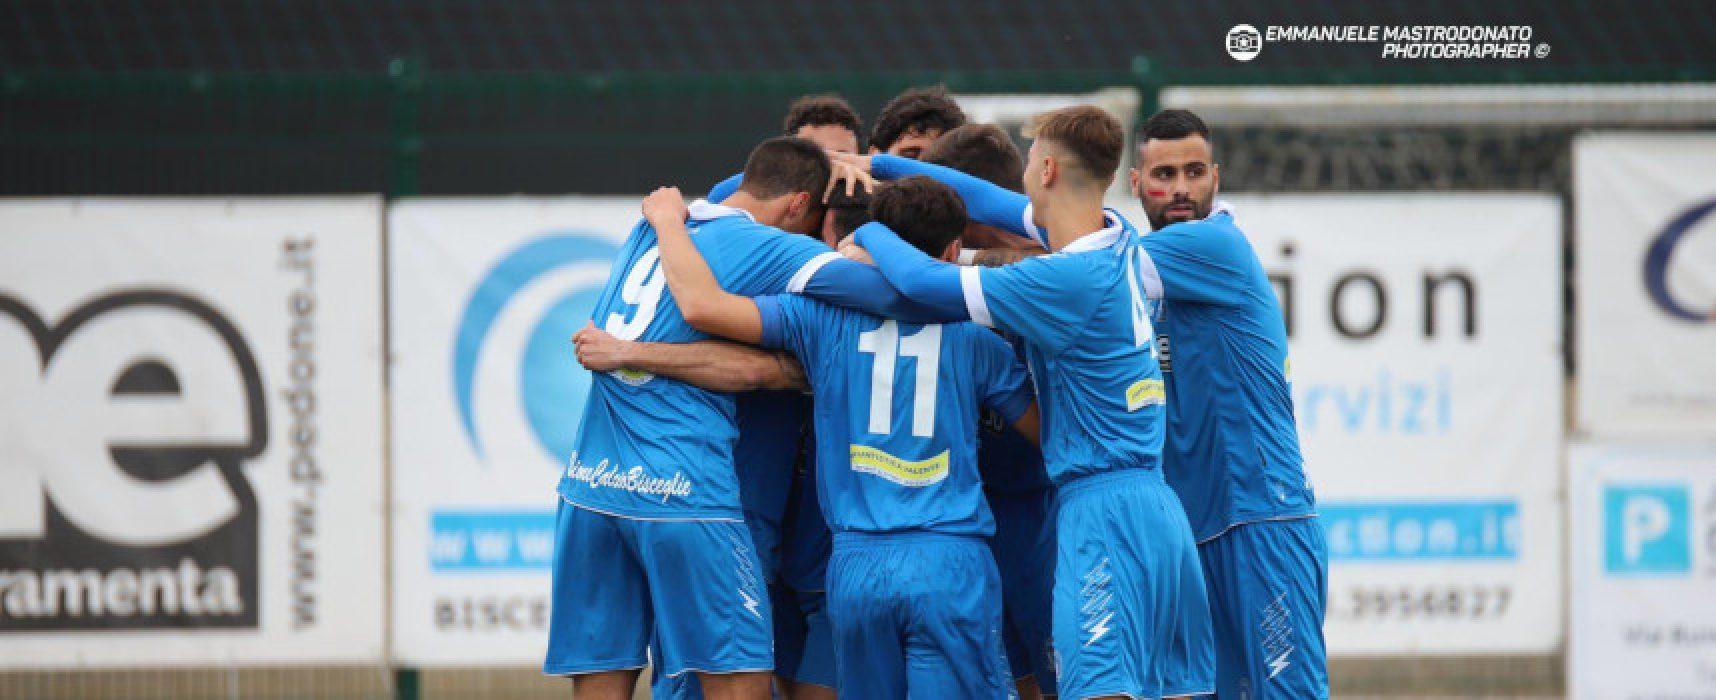 Unione Calcio, ad Avetrana tre punti vitali per le speranze salvezza